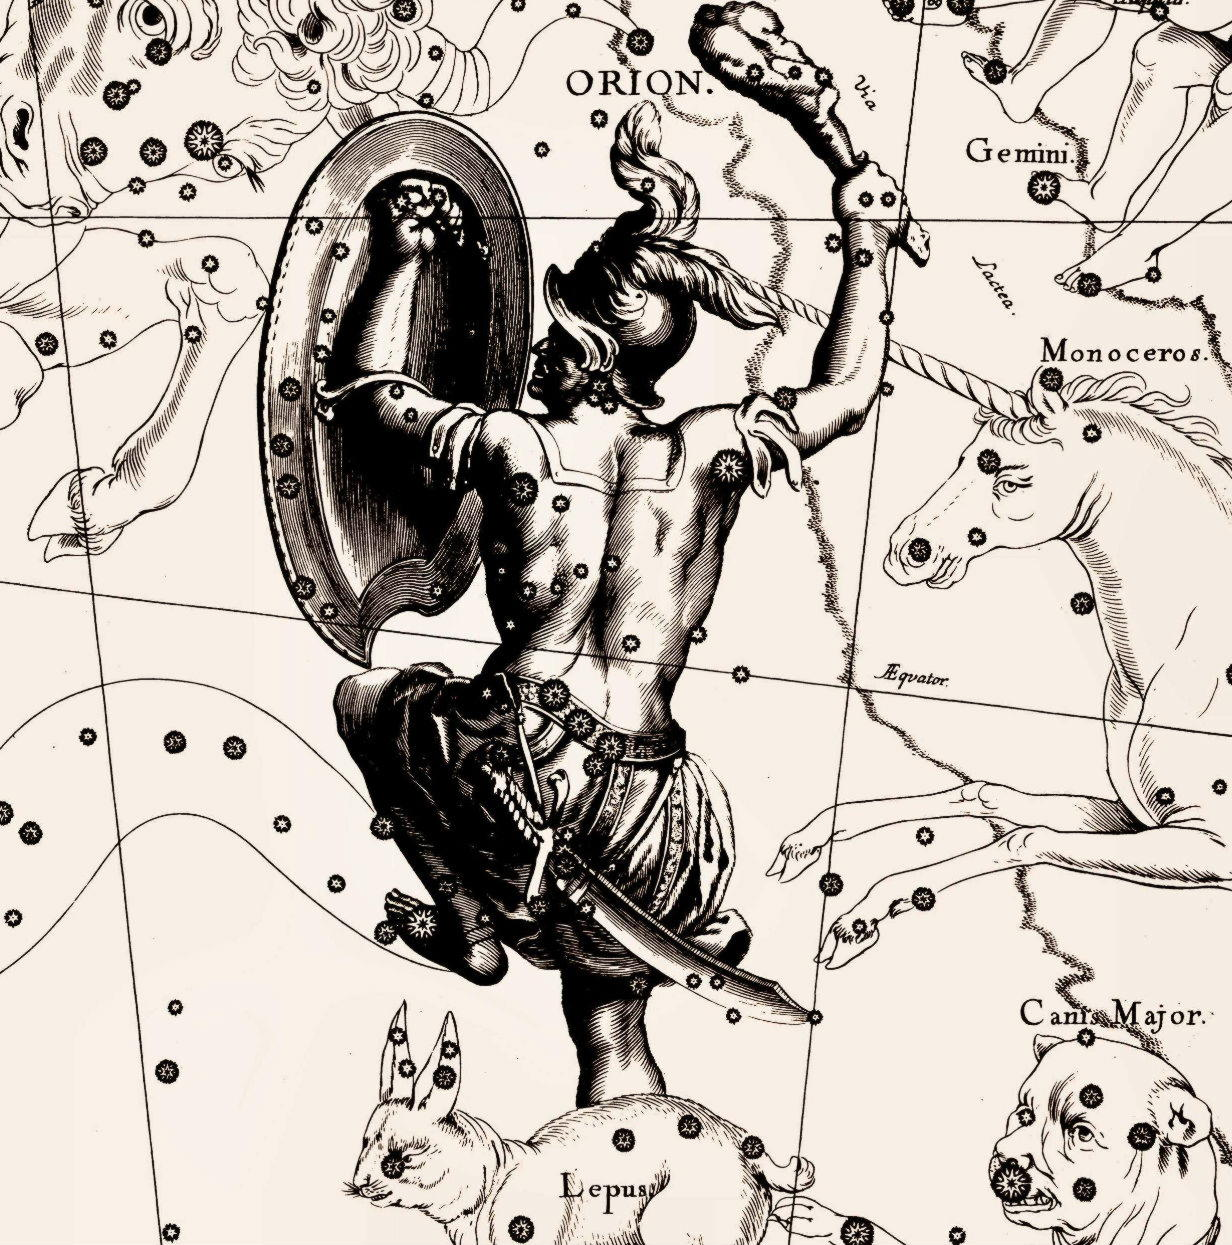 Орион, греч. — сын Посейдона и его возлюбленной Эвриалы, прославленный охотник.